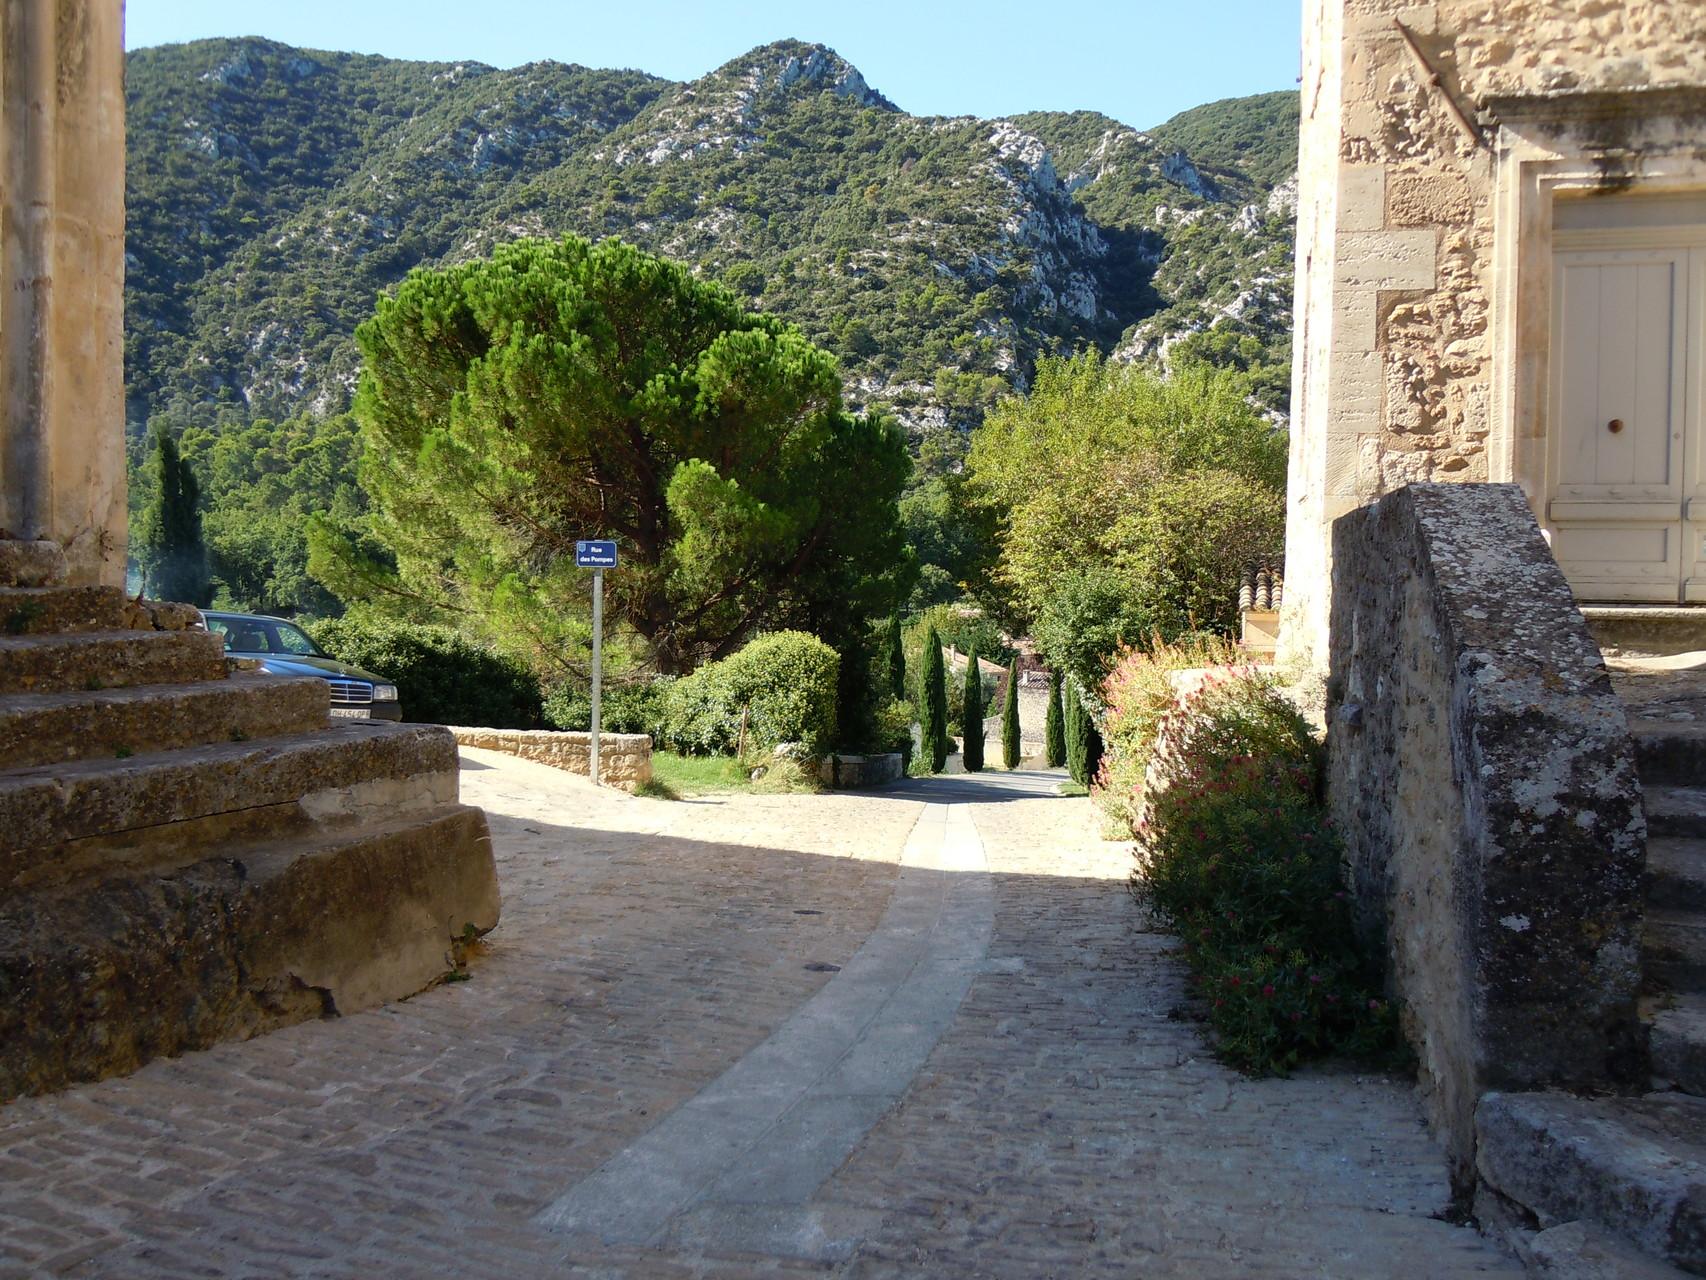 La randonnée passe par le village de Maubec